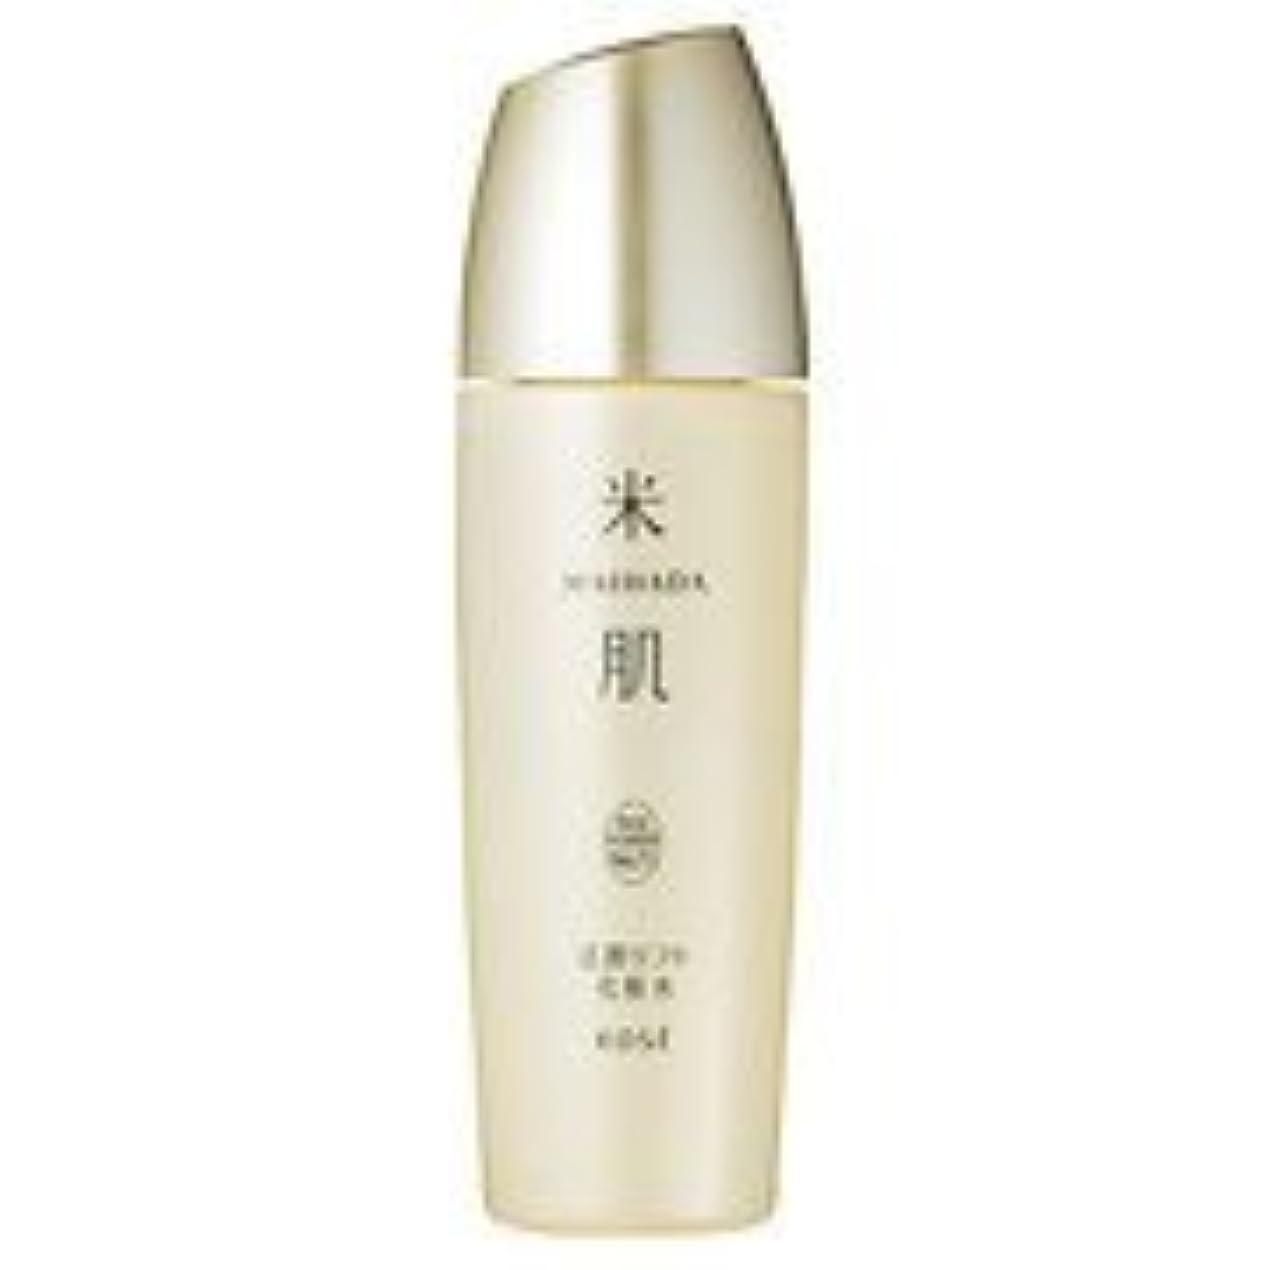 米肌(MAIHADA) 活潤リフト 化粧水 120ml